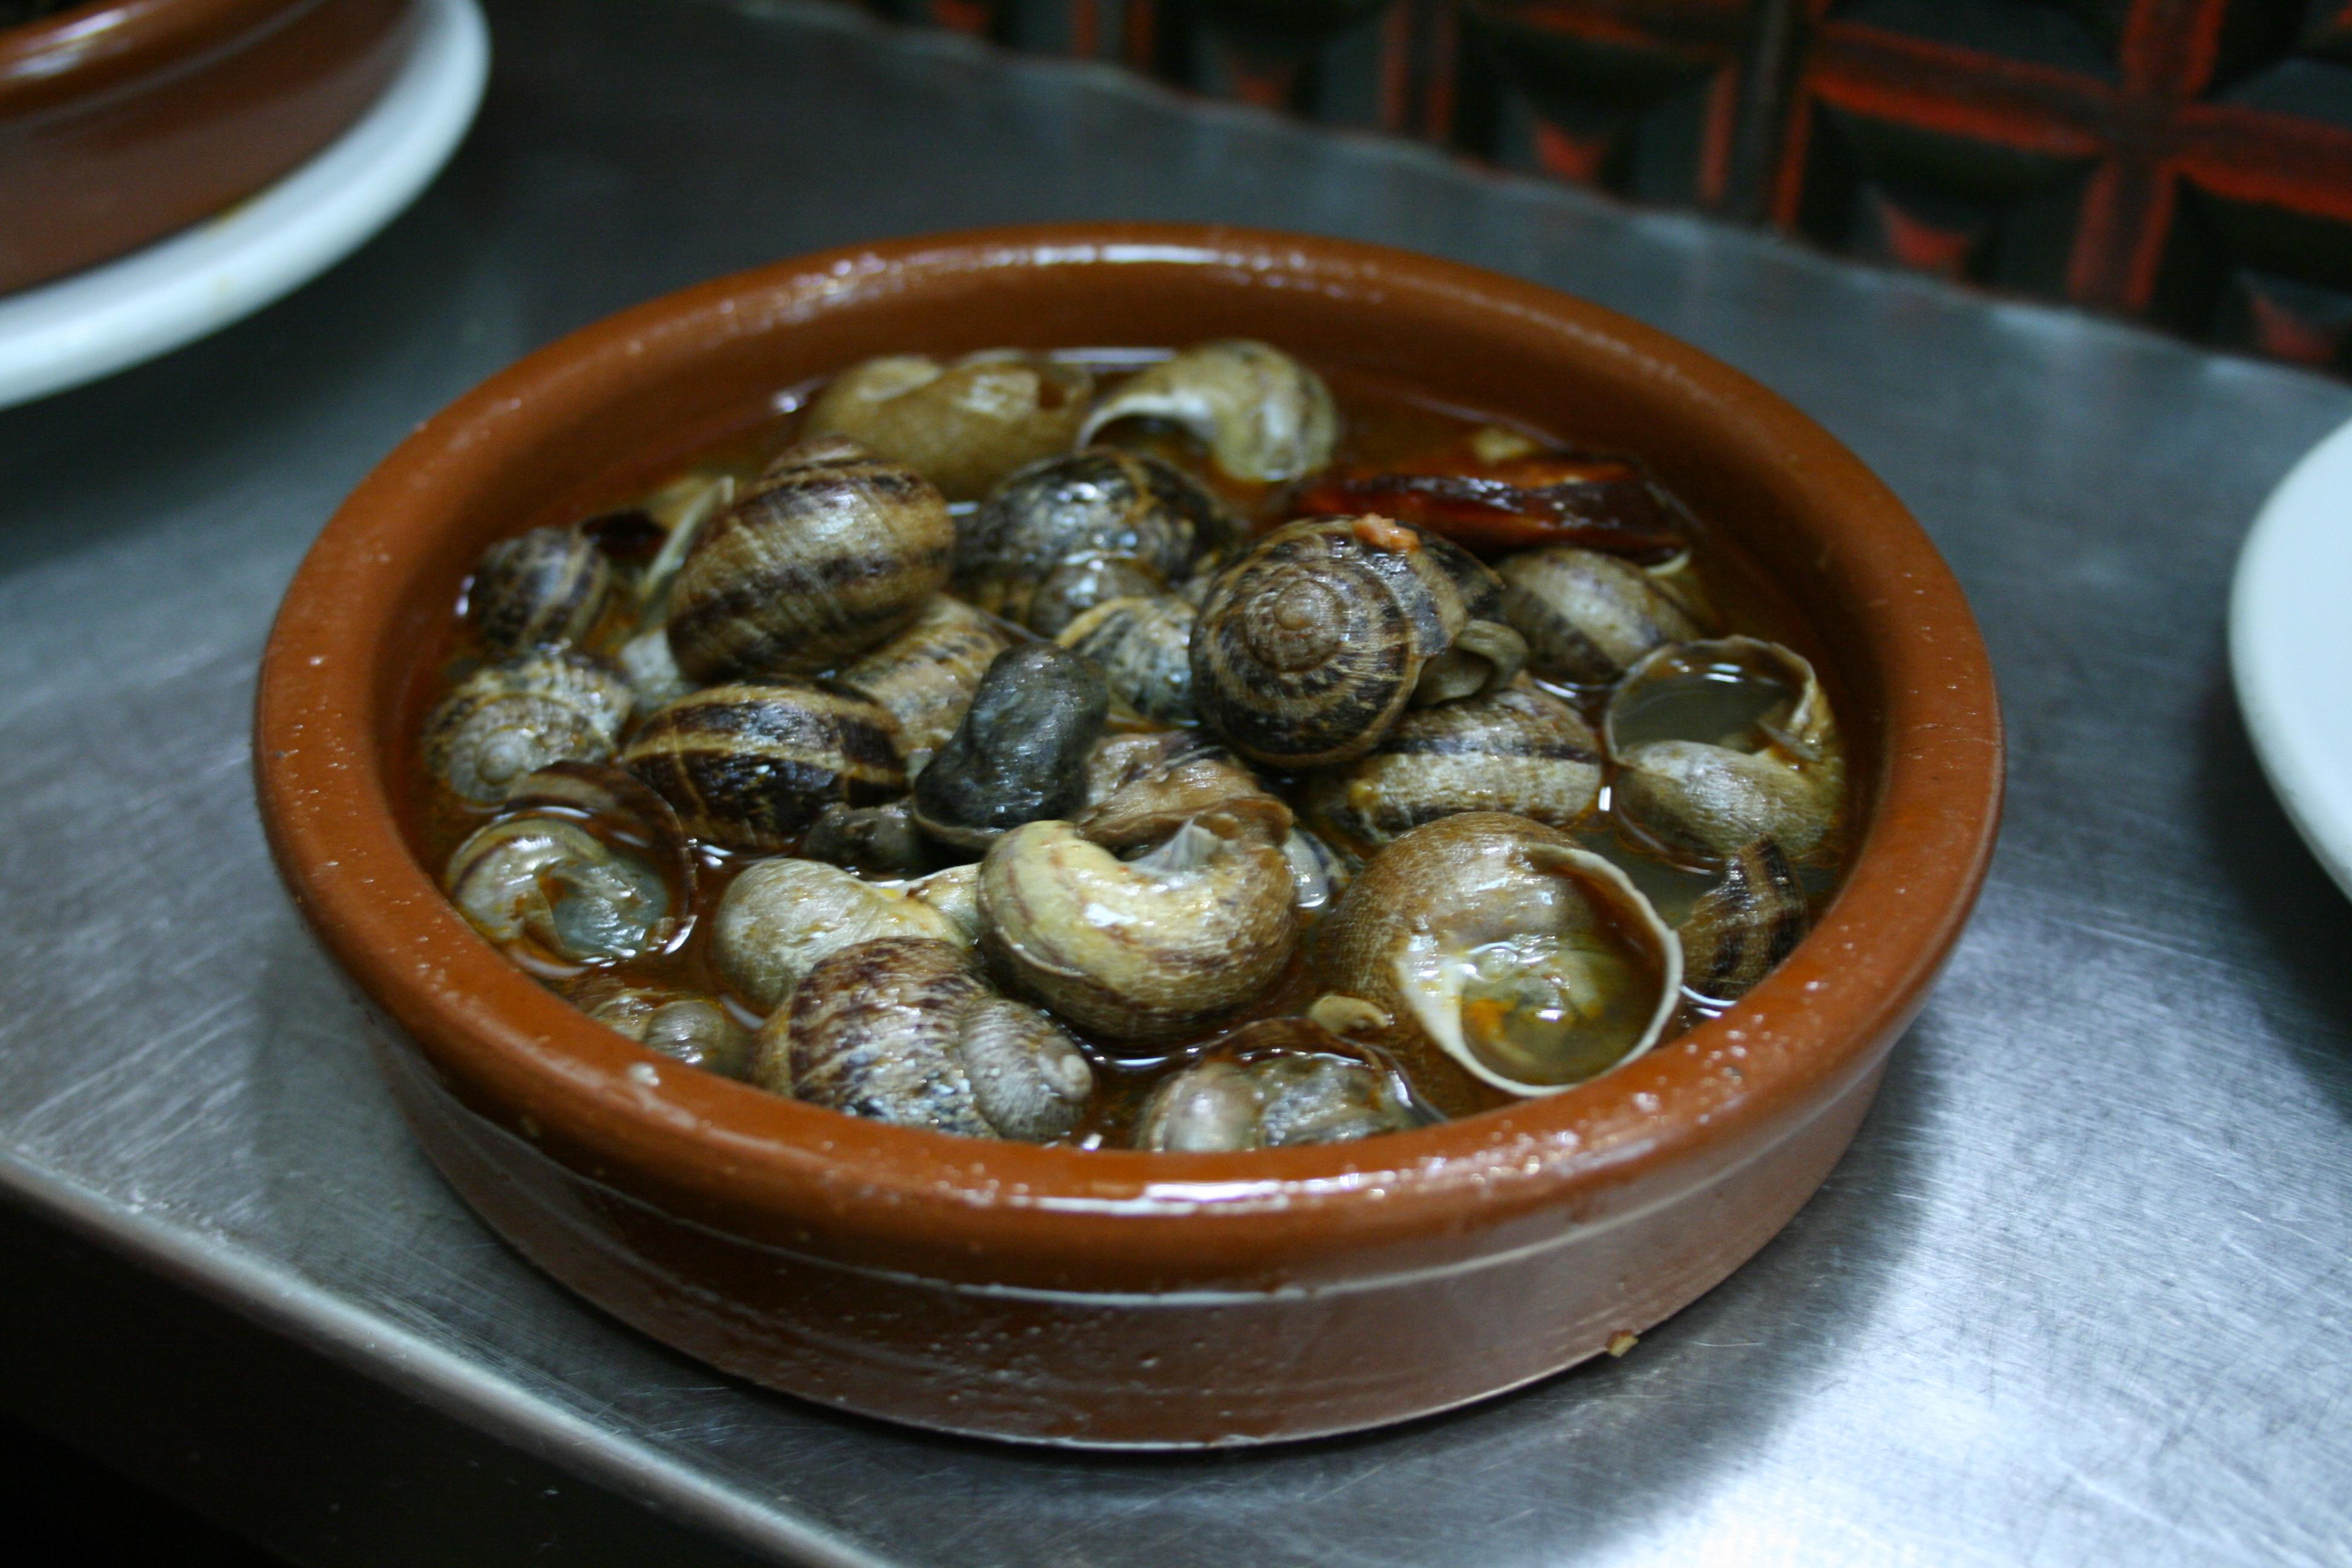 Como Se Cocinan Los Caracoles | Caracoles A La Madrilena Wikipedia La Enciclopedia Libre